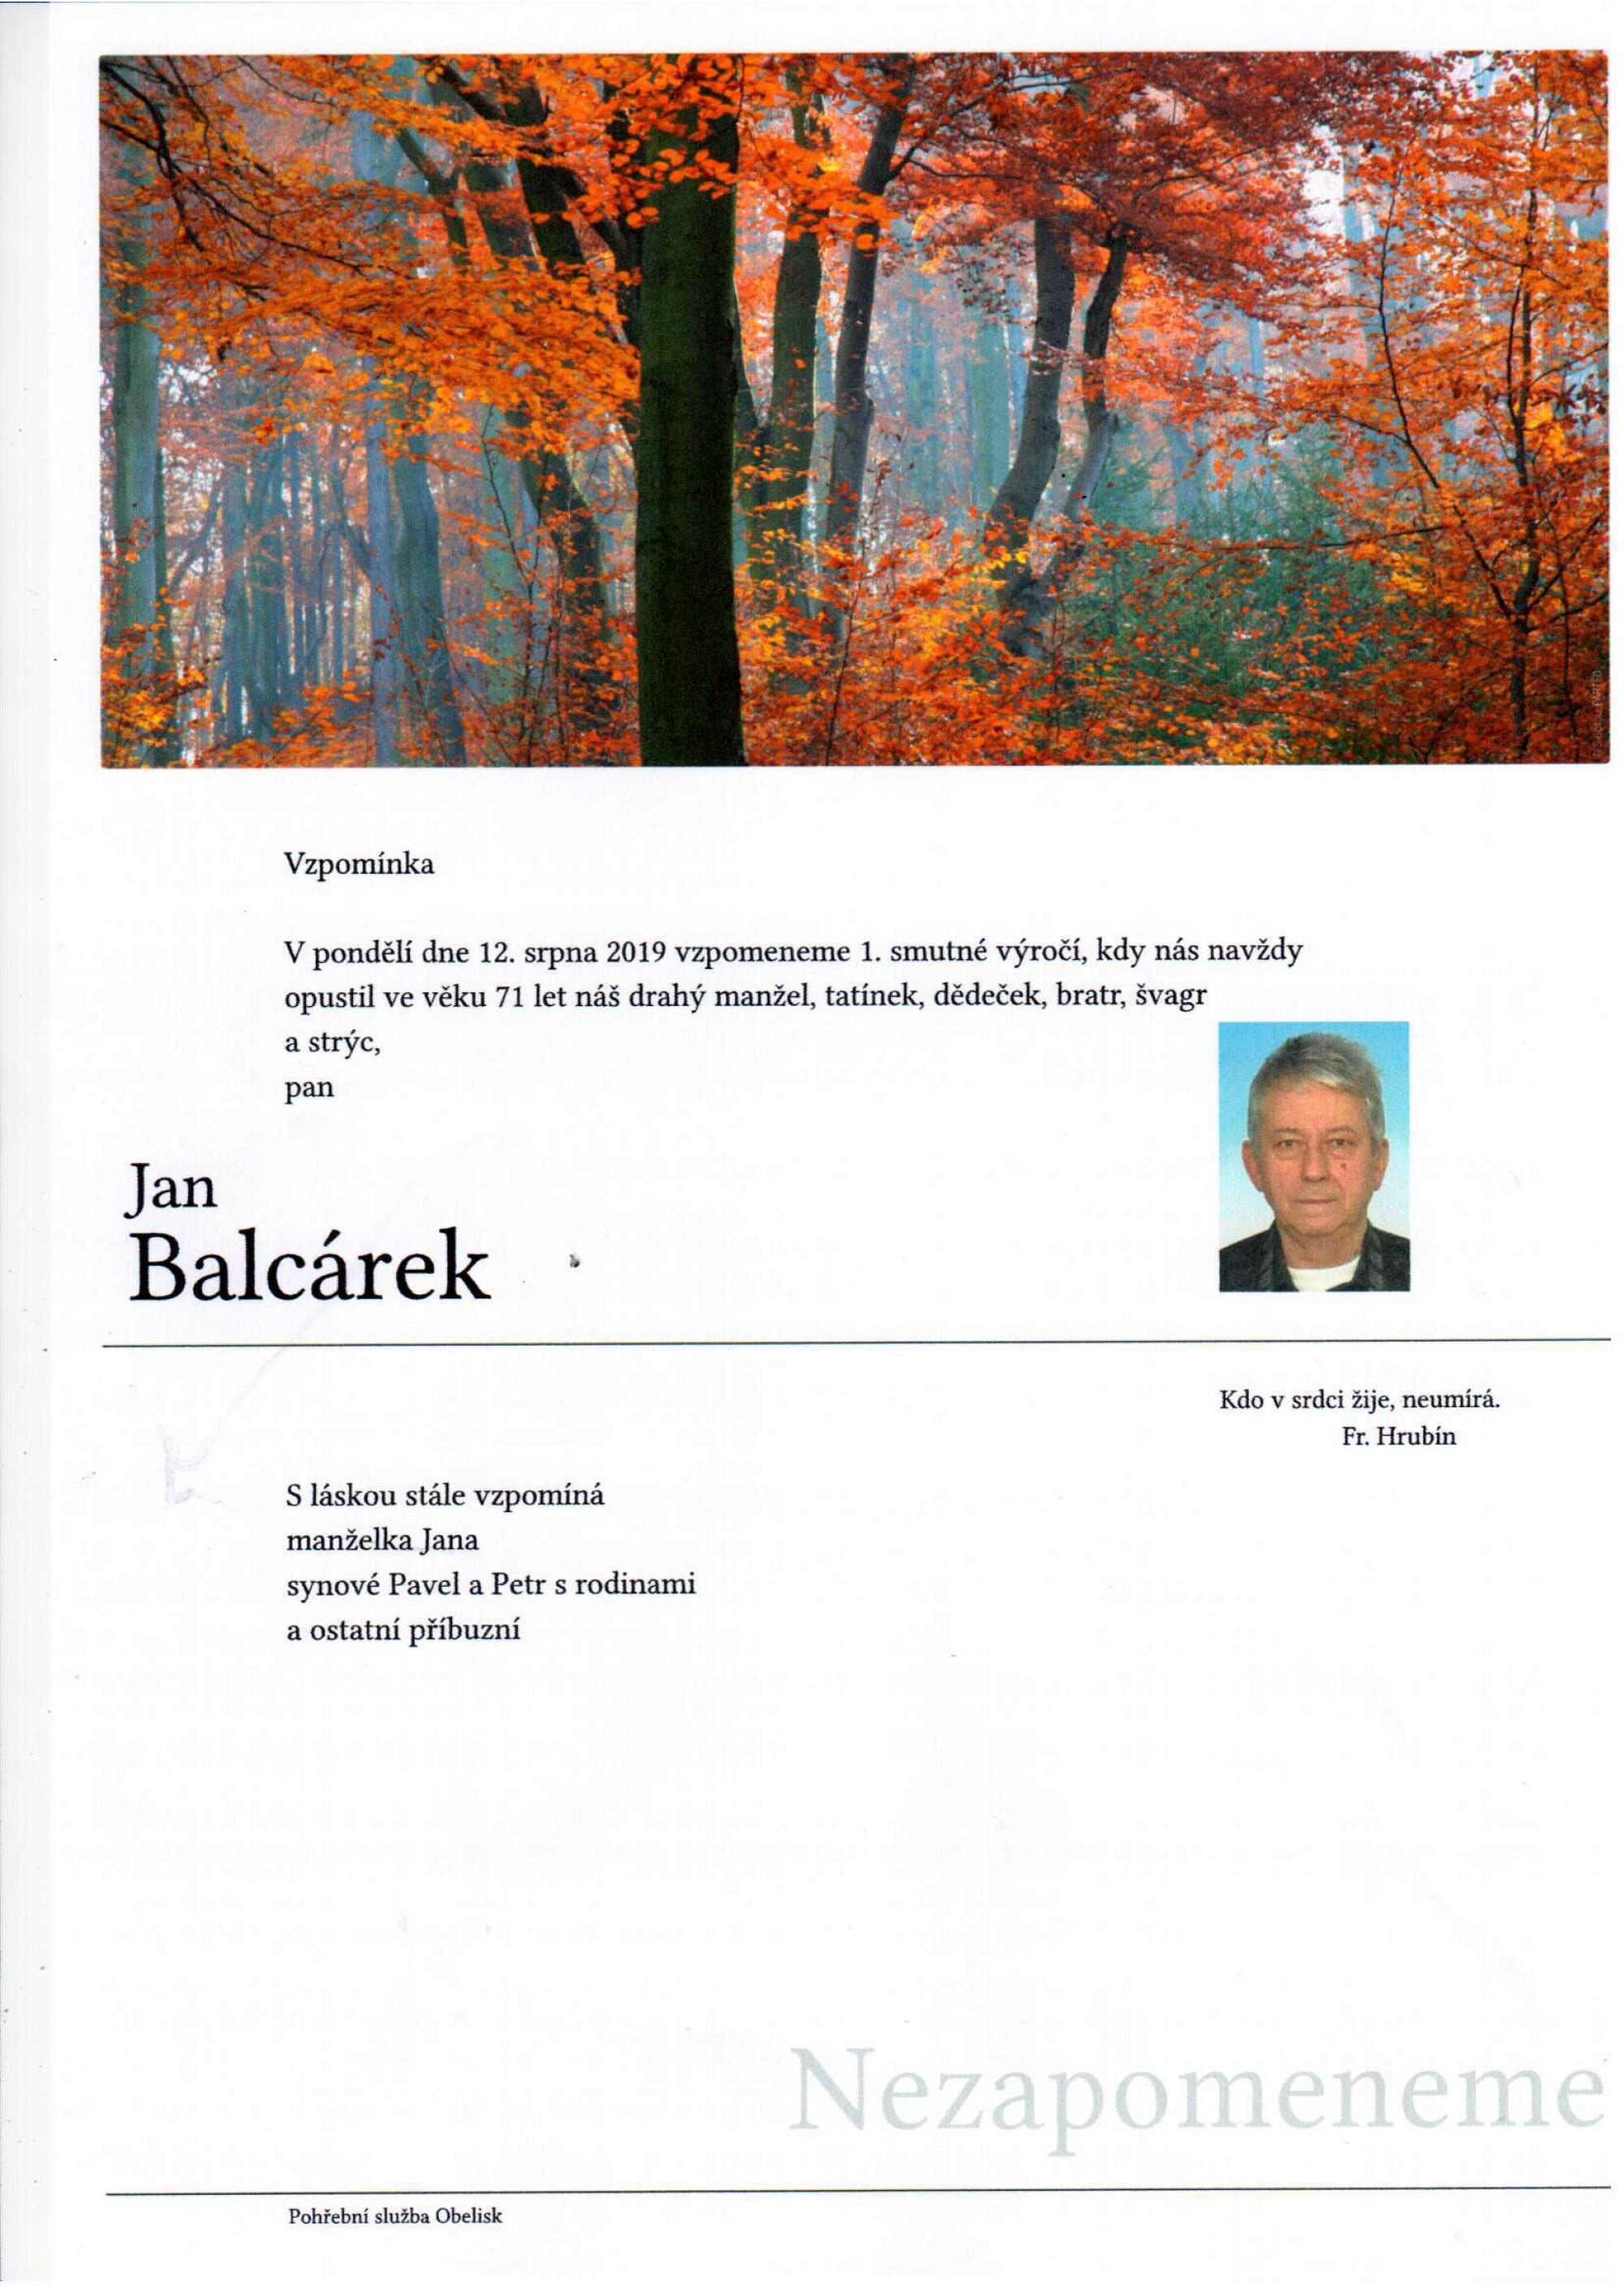 Jan Balcárek